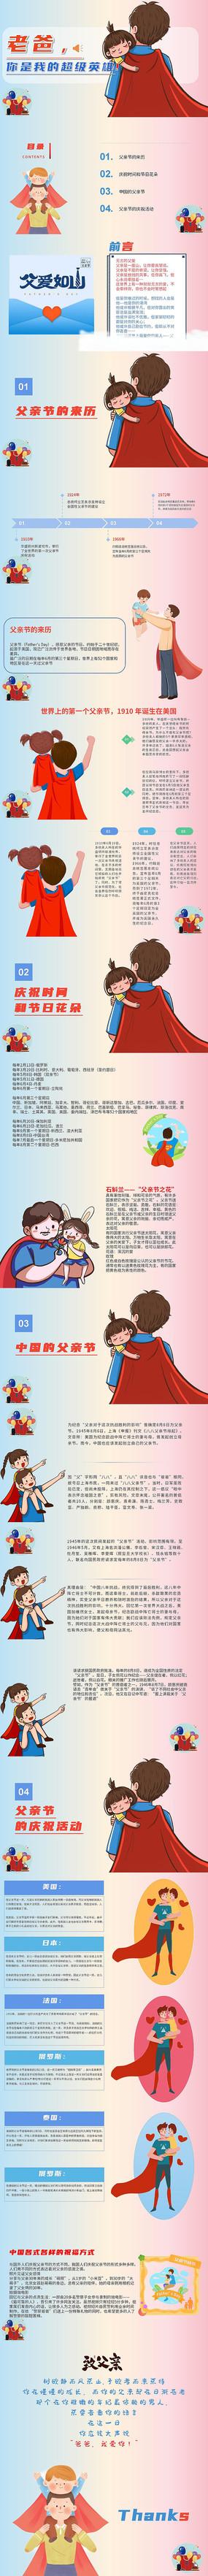 老爸你是我的超级英雄ppt